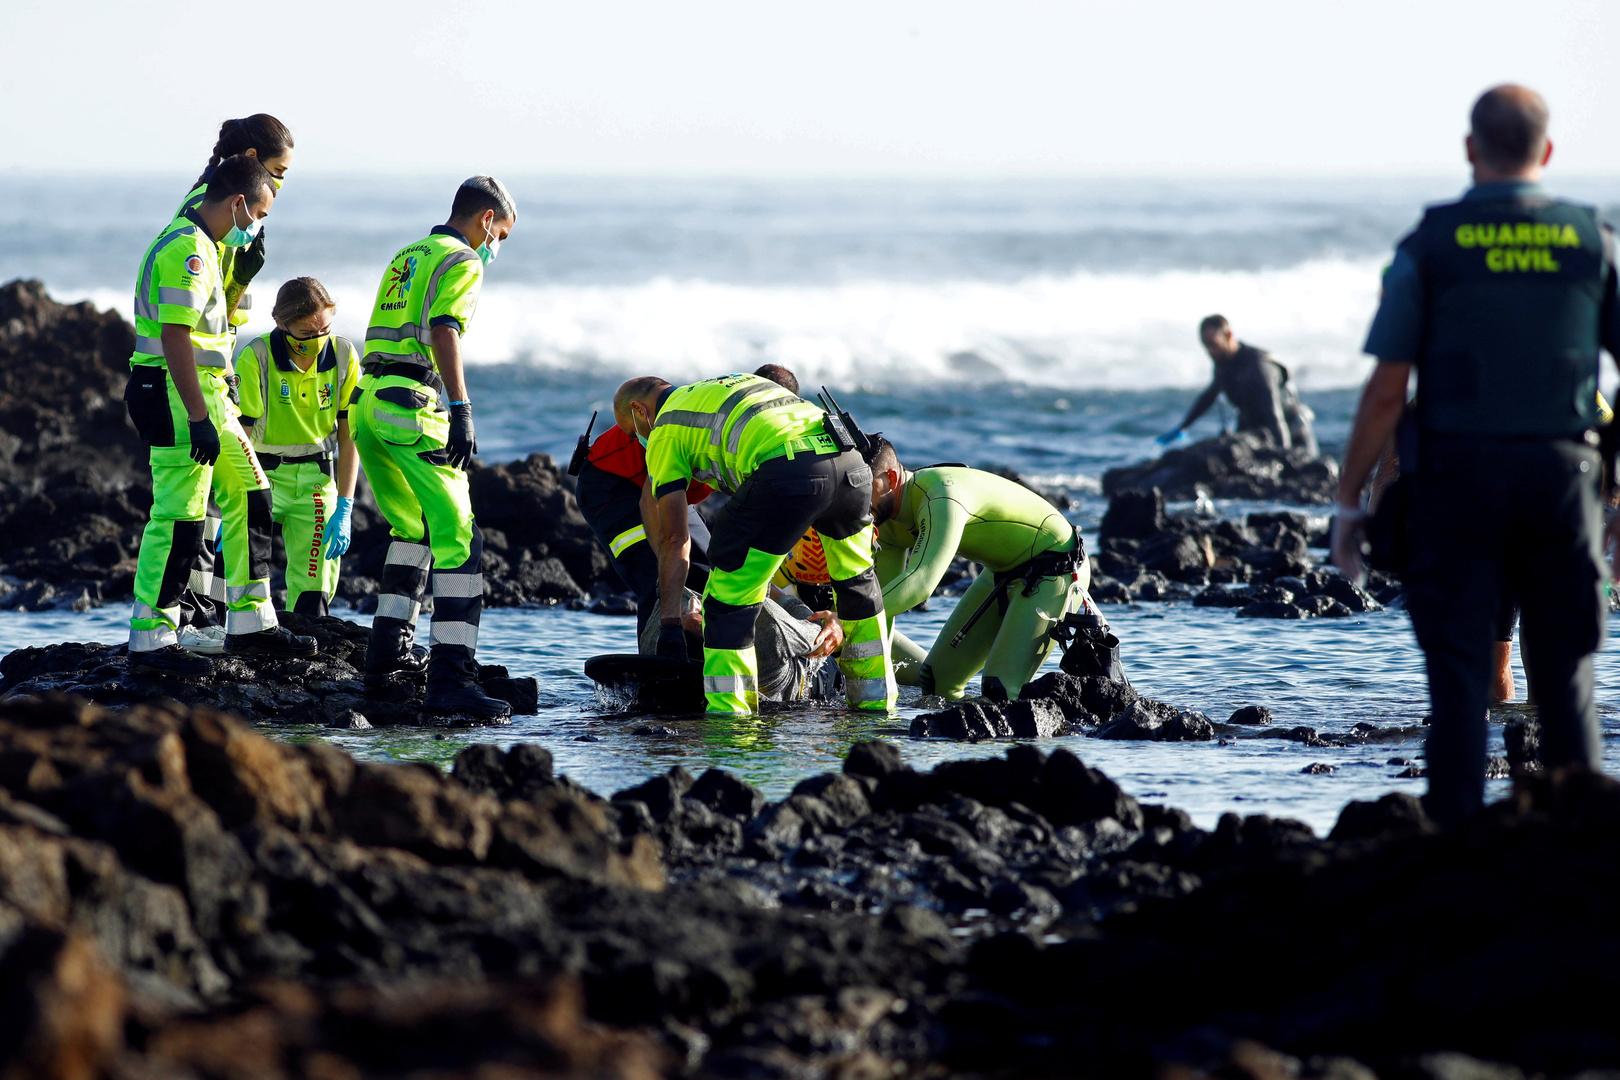 إسبانيا: توقيف 4 أشخاص على ذمة التحقيق في غرق مهاجرين